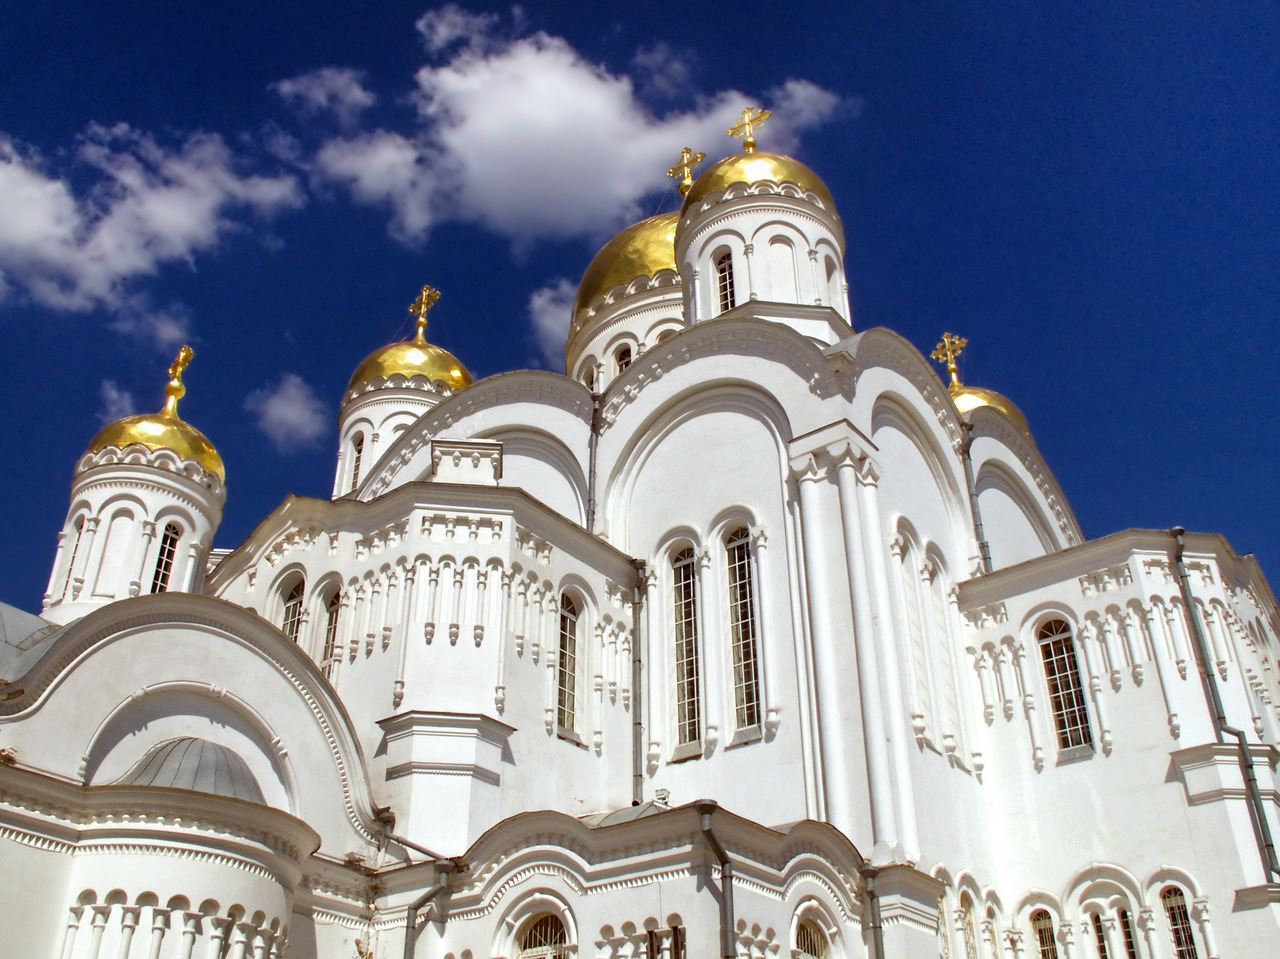 Nechali jsme se inspirovat známým cestovatelským portálem Tripadvisor, podle kterého láká dovolená ve východní Evropě stále početnější skupinu cestovatelů.